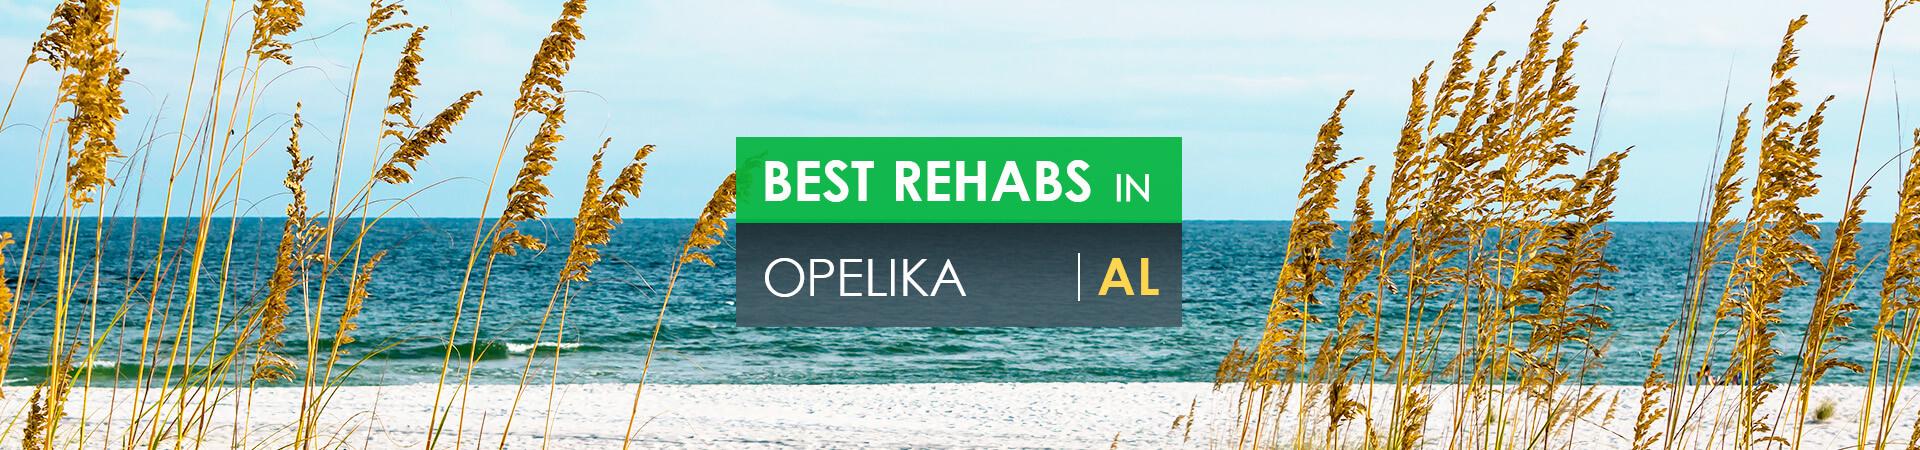 Best rehabs in Opelika, AL